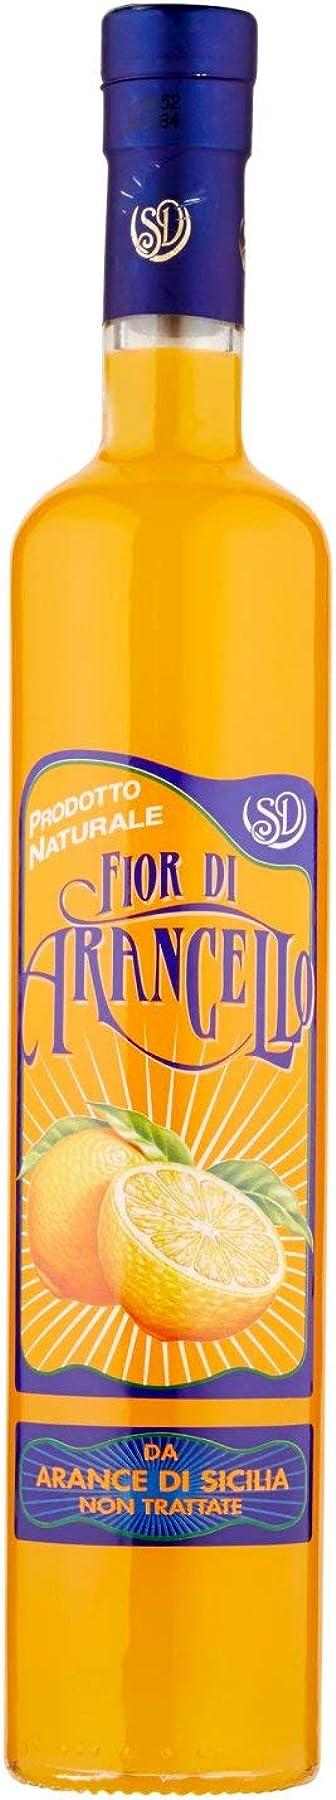 D&d, fior di arancello liquore, 500 ml, liquore naturale ottenuto da arance siciliane non trattate DD45G0715H0000